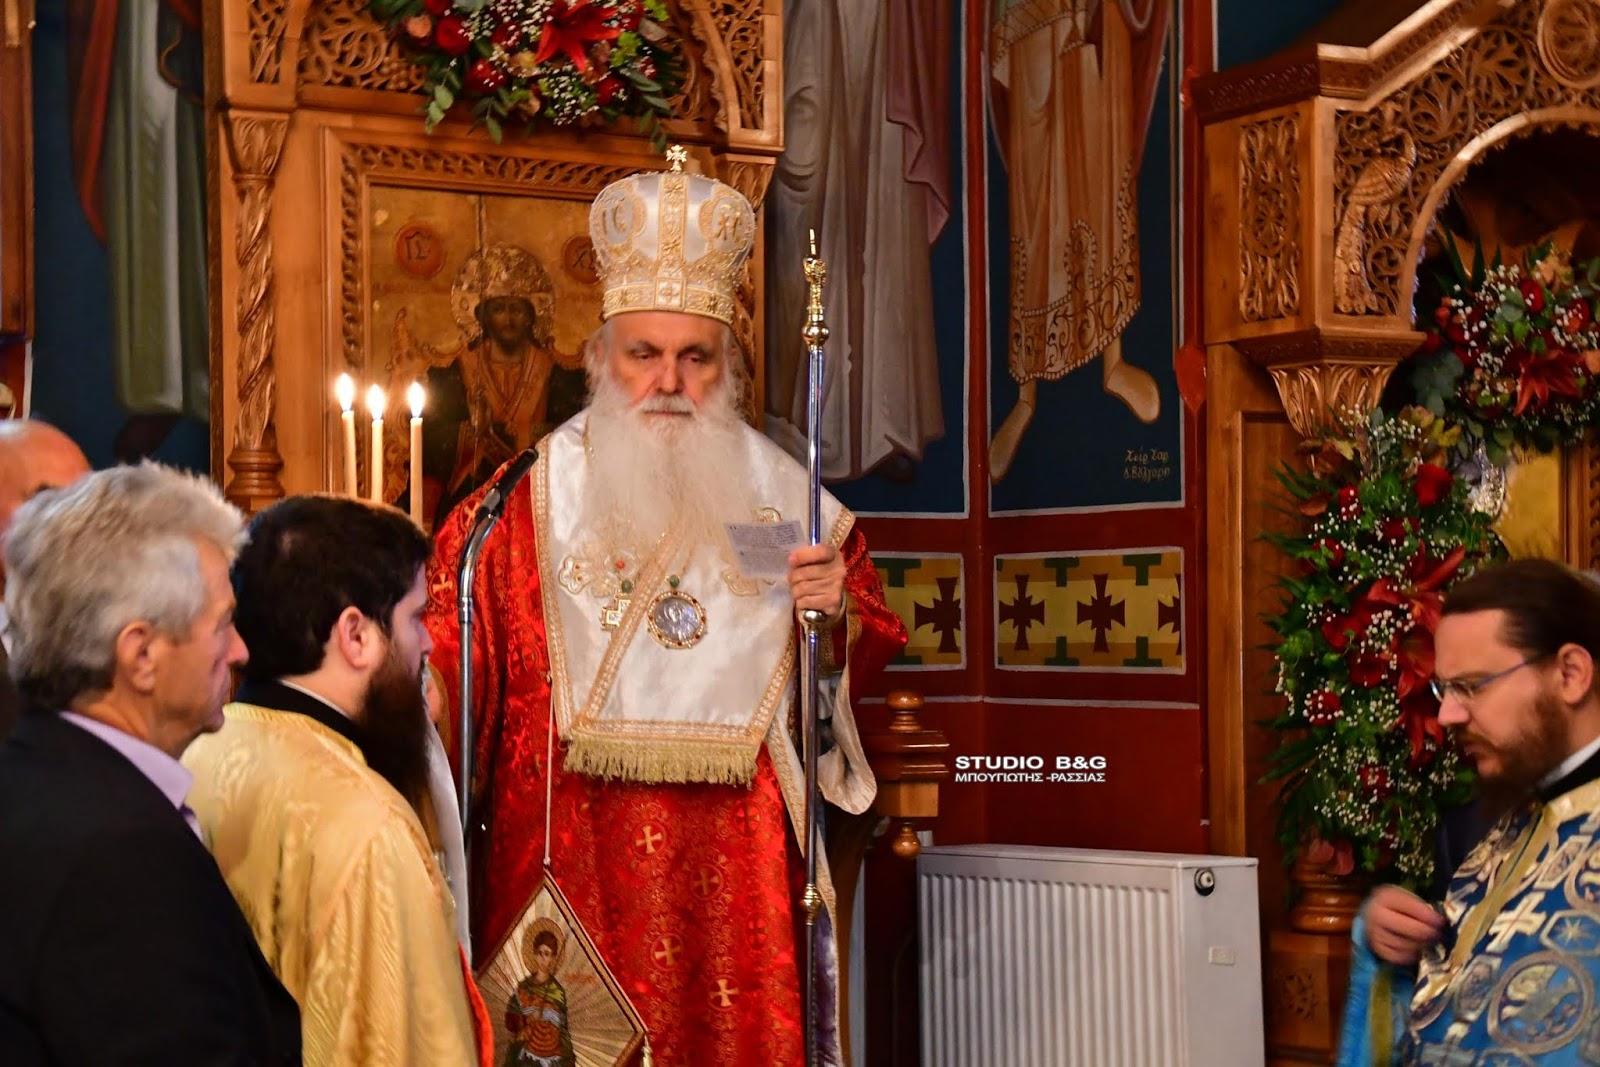 Ο Μητροπολίτης Αργολίδος στο Βυζαντινό μοναστήρι του Αγίου Δημητρίου Καρακαλά